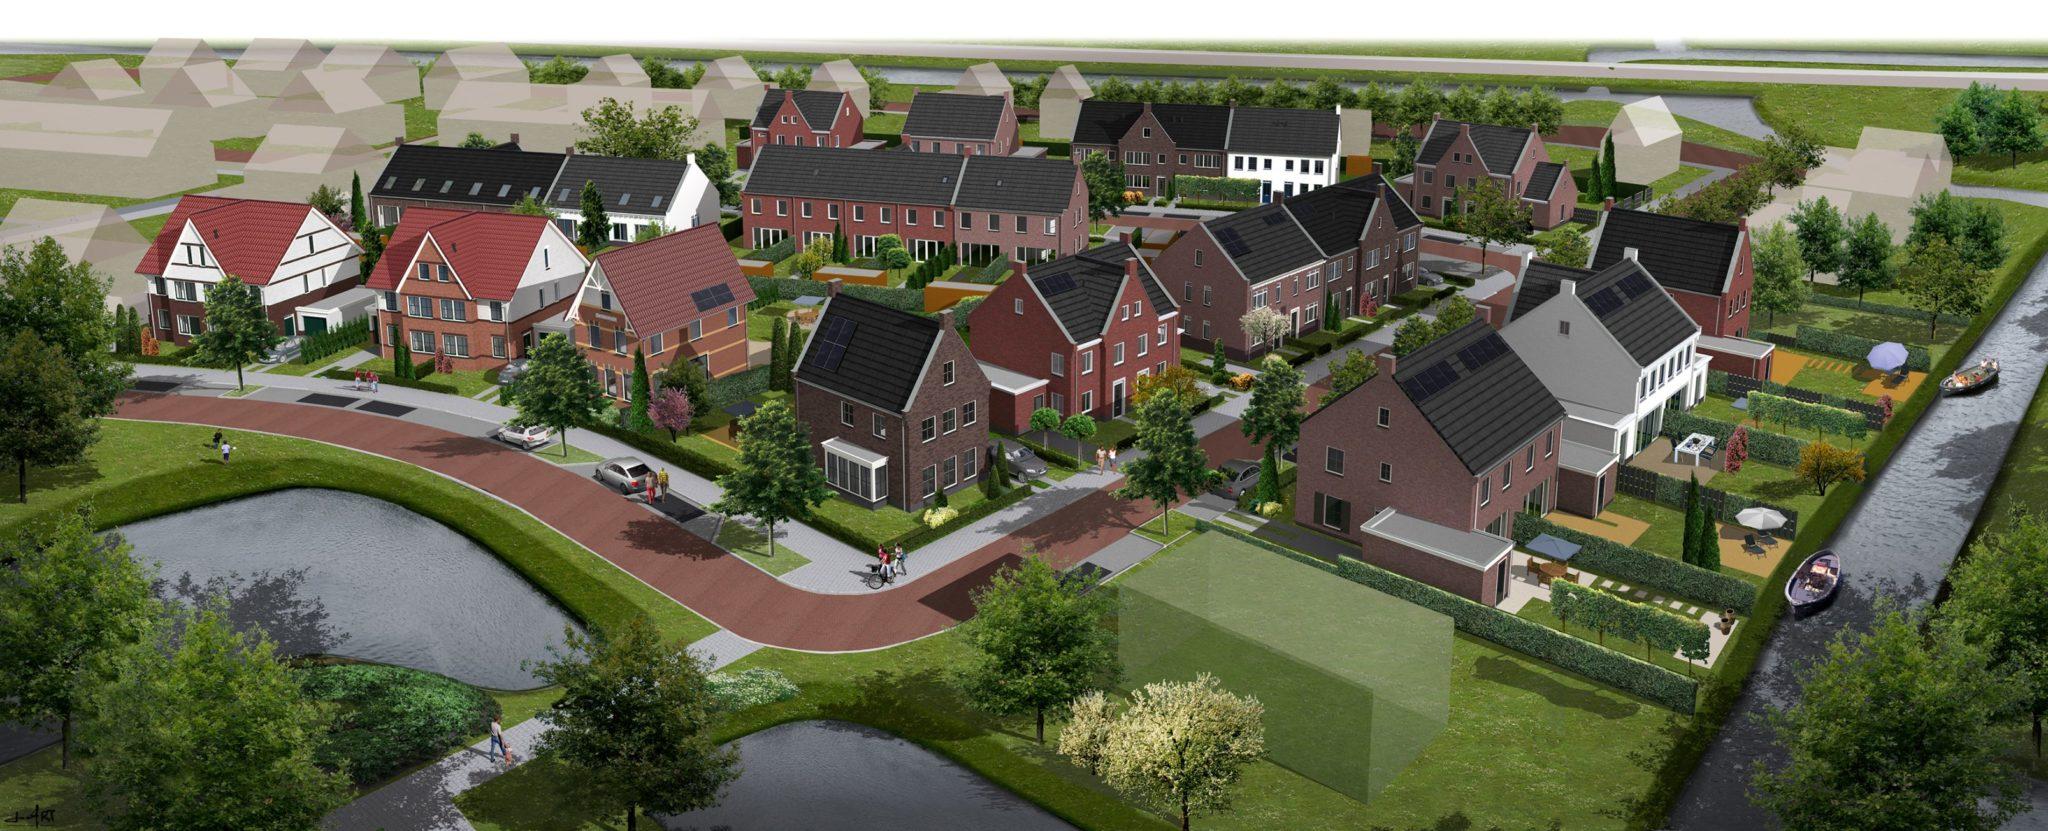 Ooms - 40 Woningen De Goorn / Buitenplaats